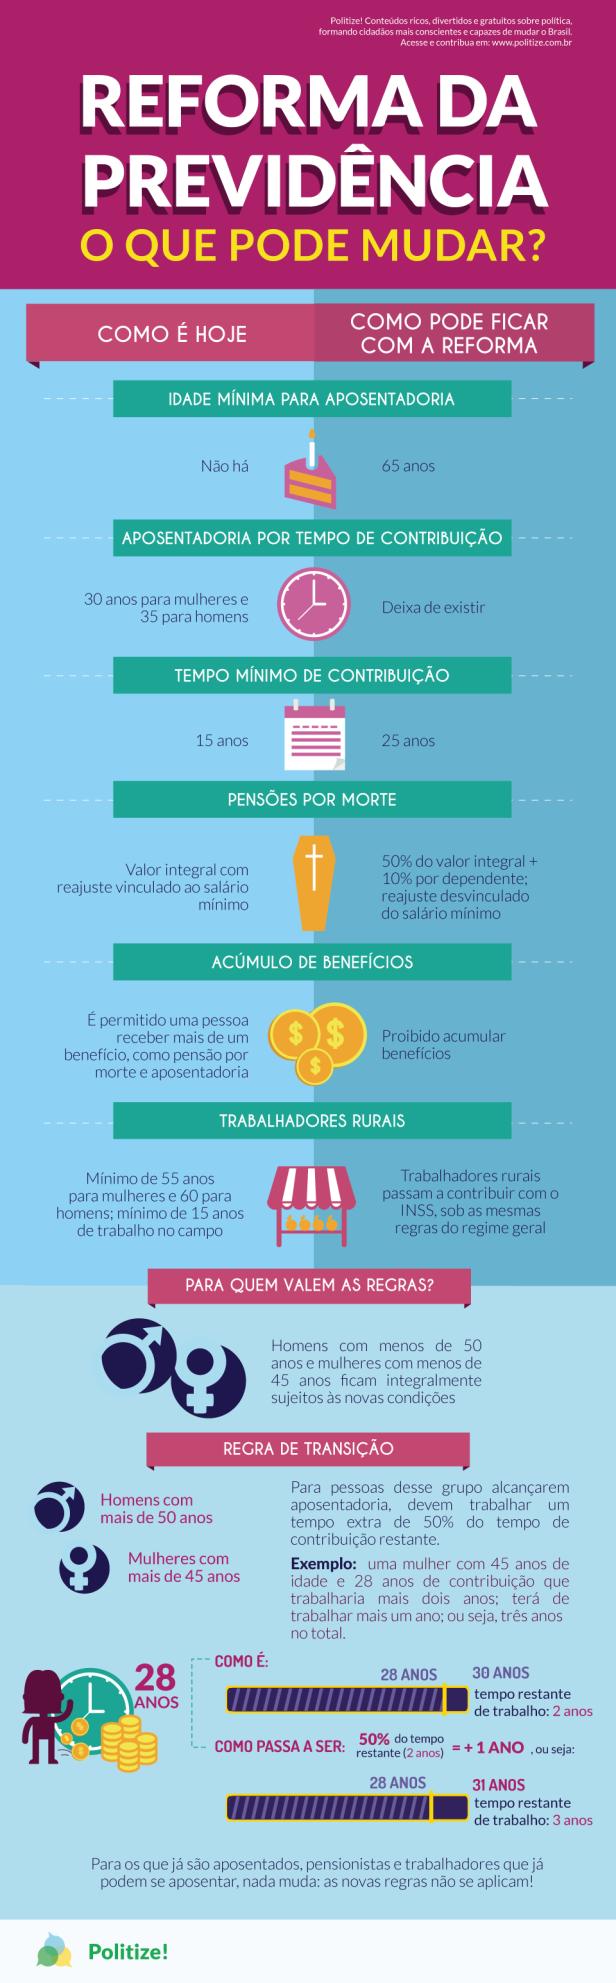 REFORMA-PREVIDeNCIA-MUDANCAS-infografico.png